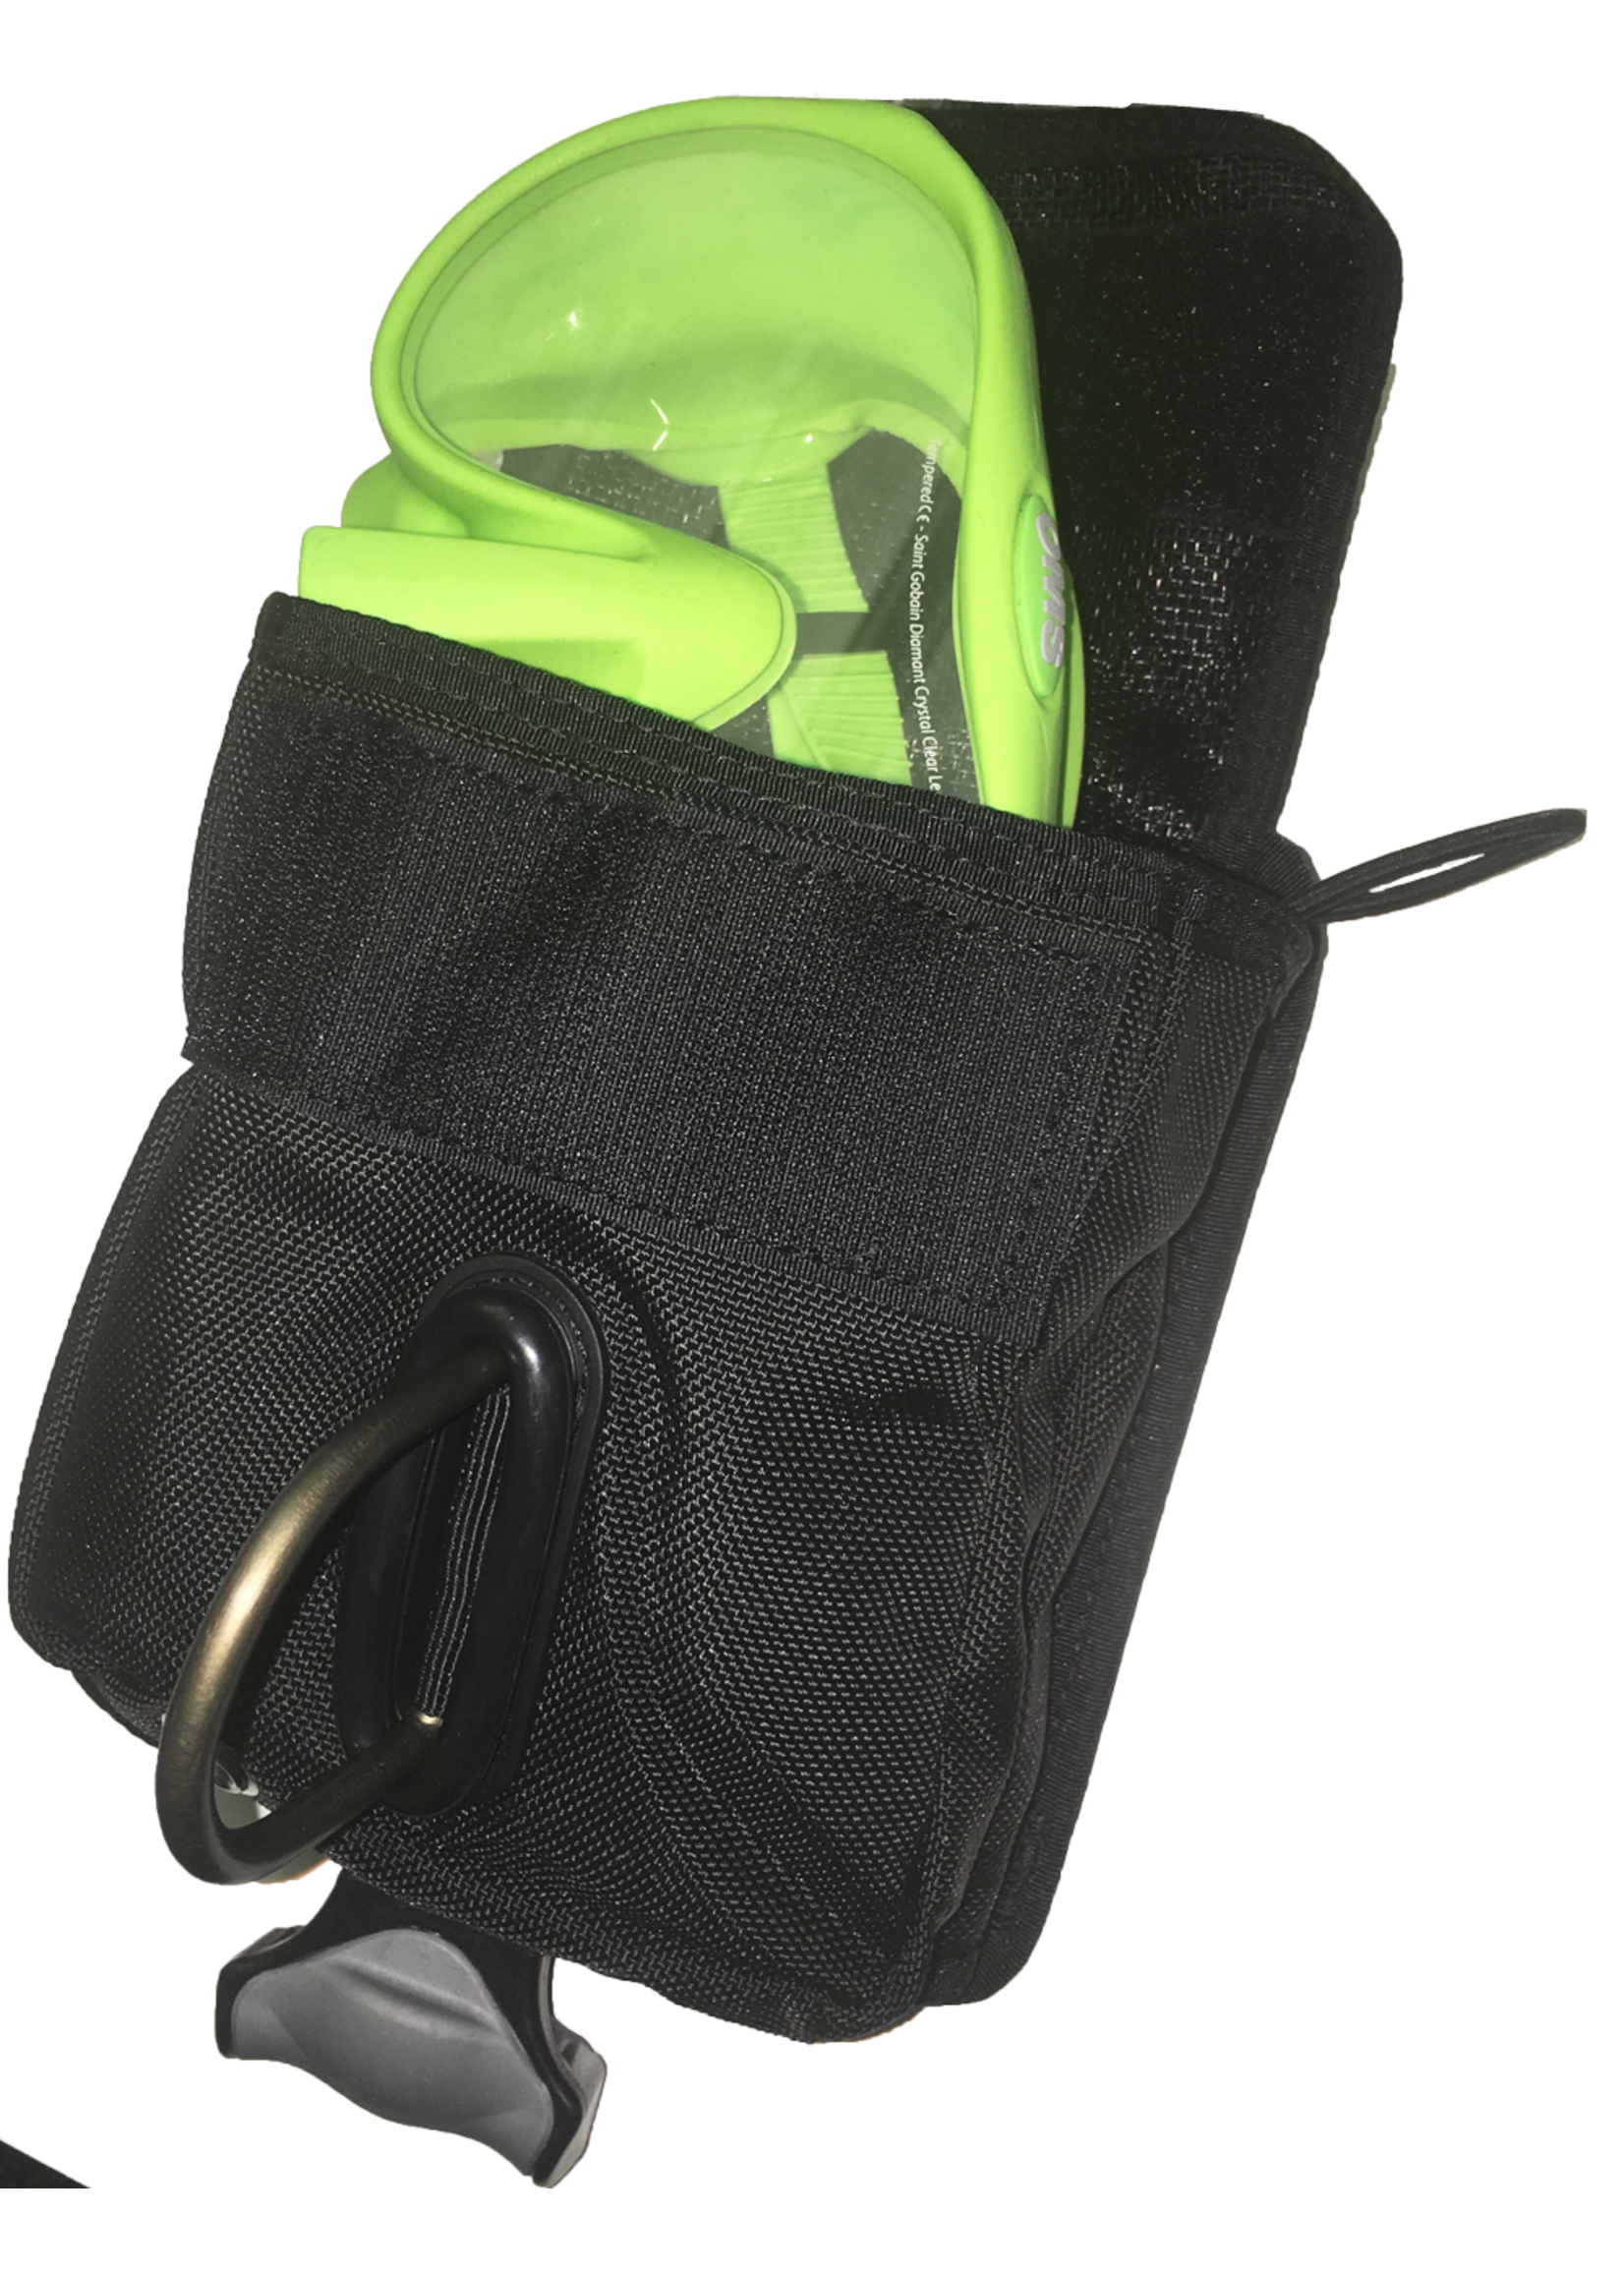 OMS OMS Utility Pocket met lood pocket